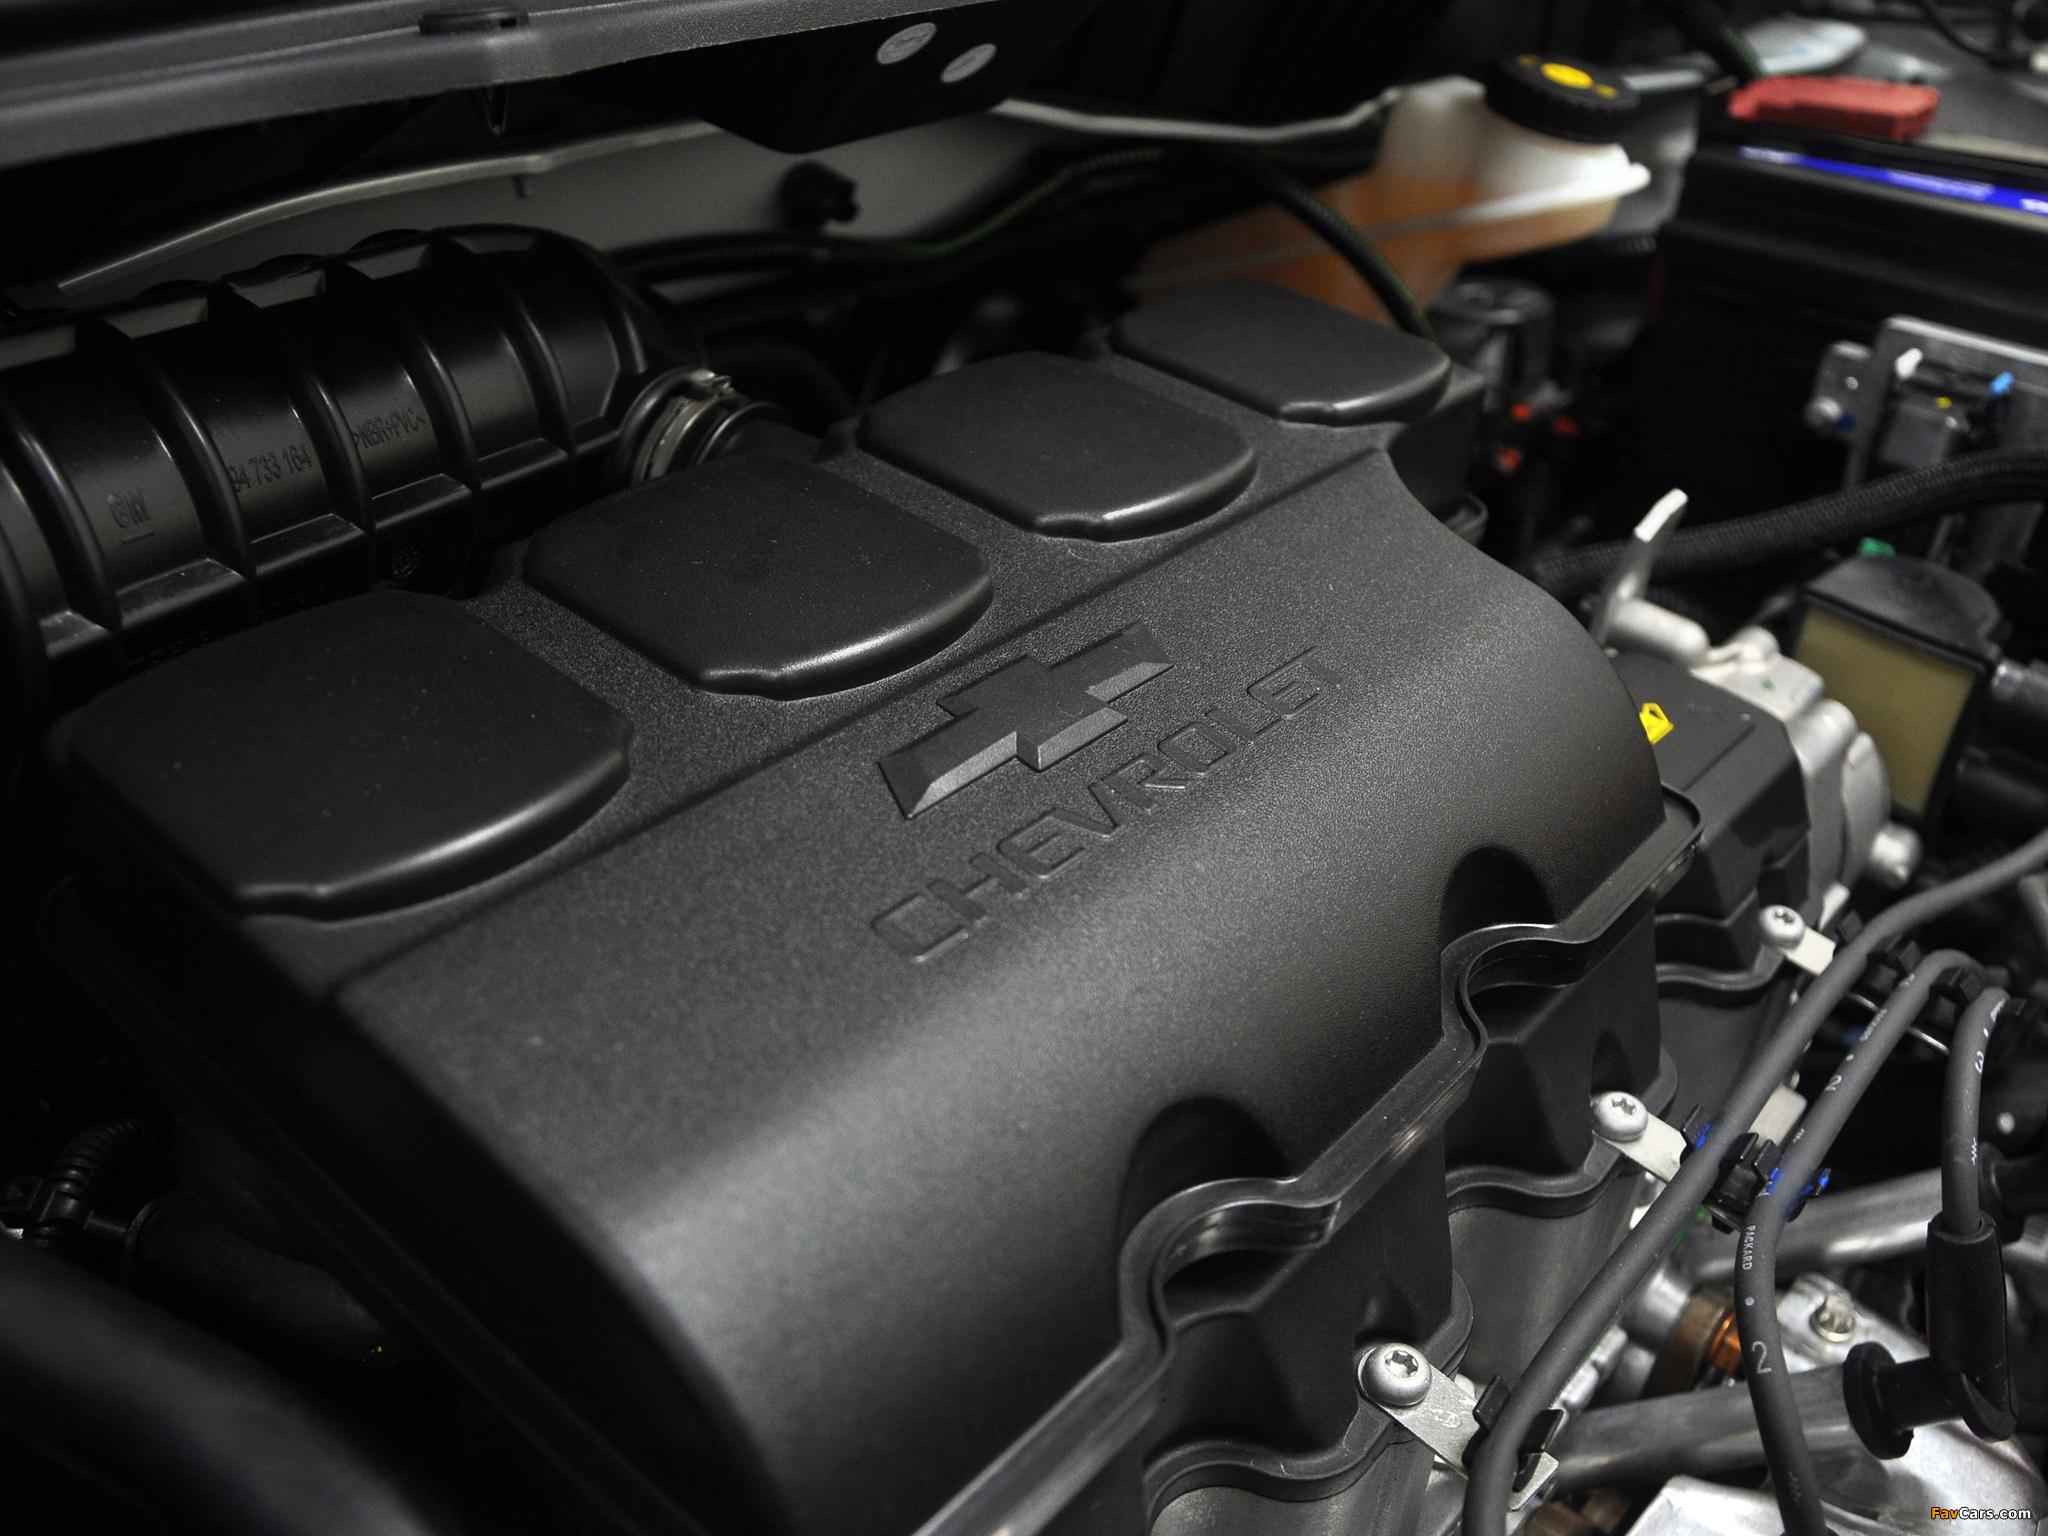 Проверка и очистка клапана системы вентиляции картера на Chevrolet Cobalt